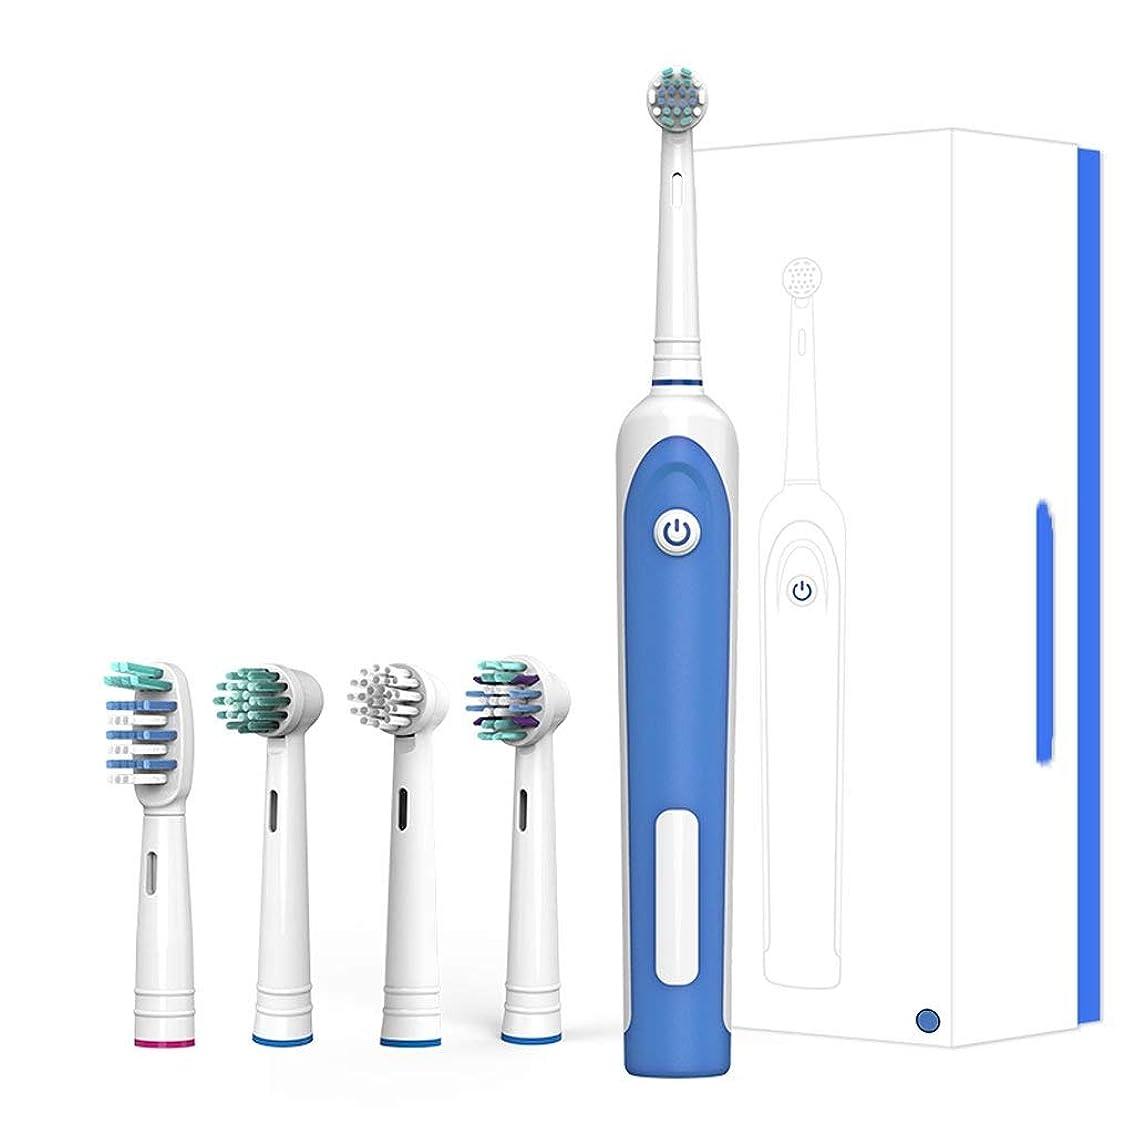 グリット海軍ロンドン回転式電動歯ブラシ大人の再充電可能な動力を与えられた歯ブラシ2分の歯医者のようなきれいな歯スマートな防水完全に洗濯できる